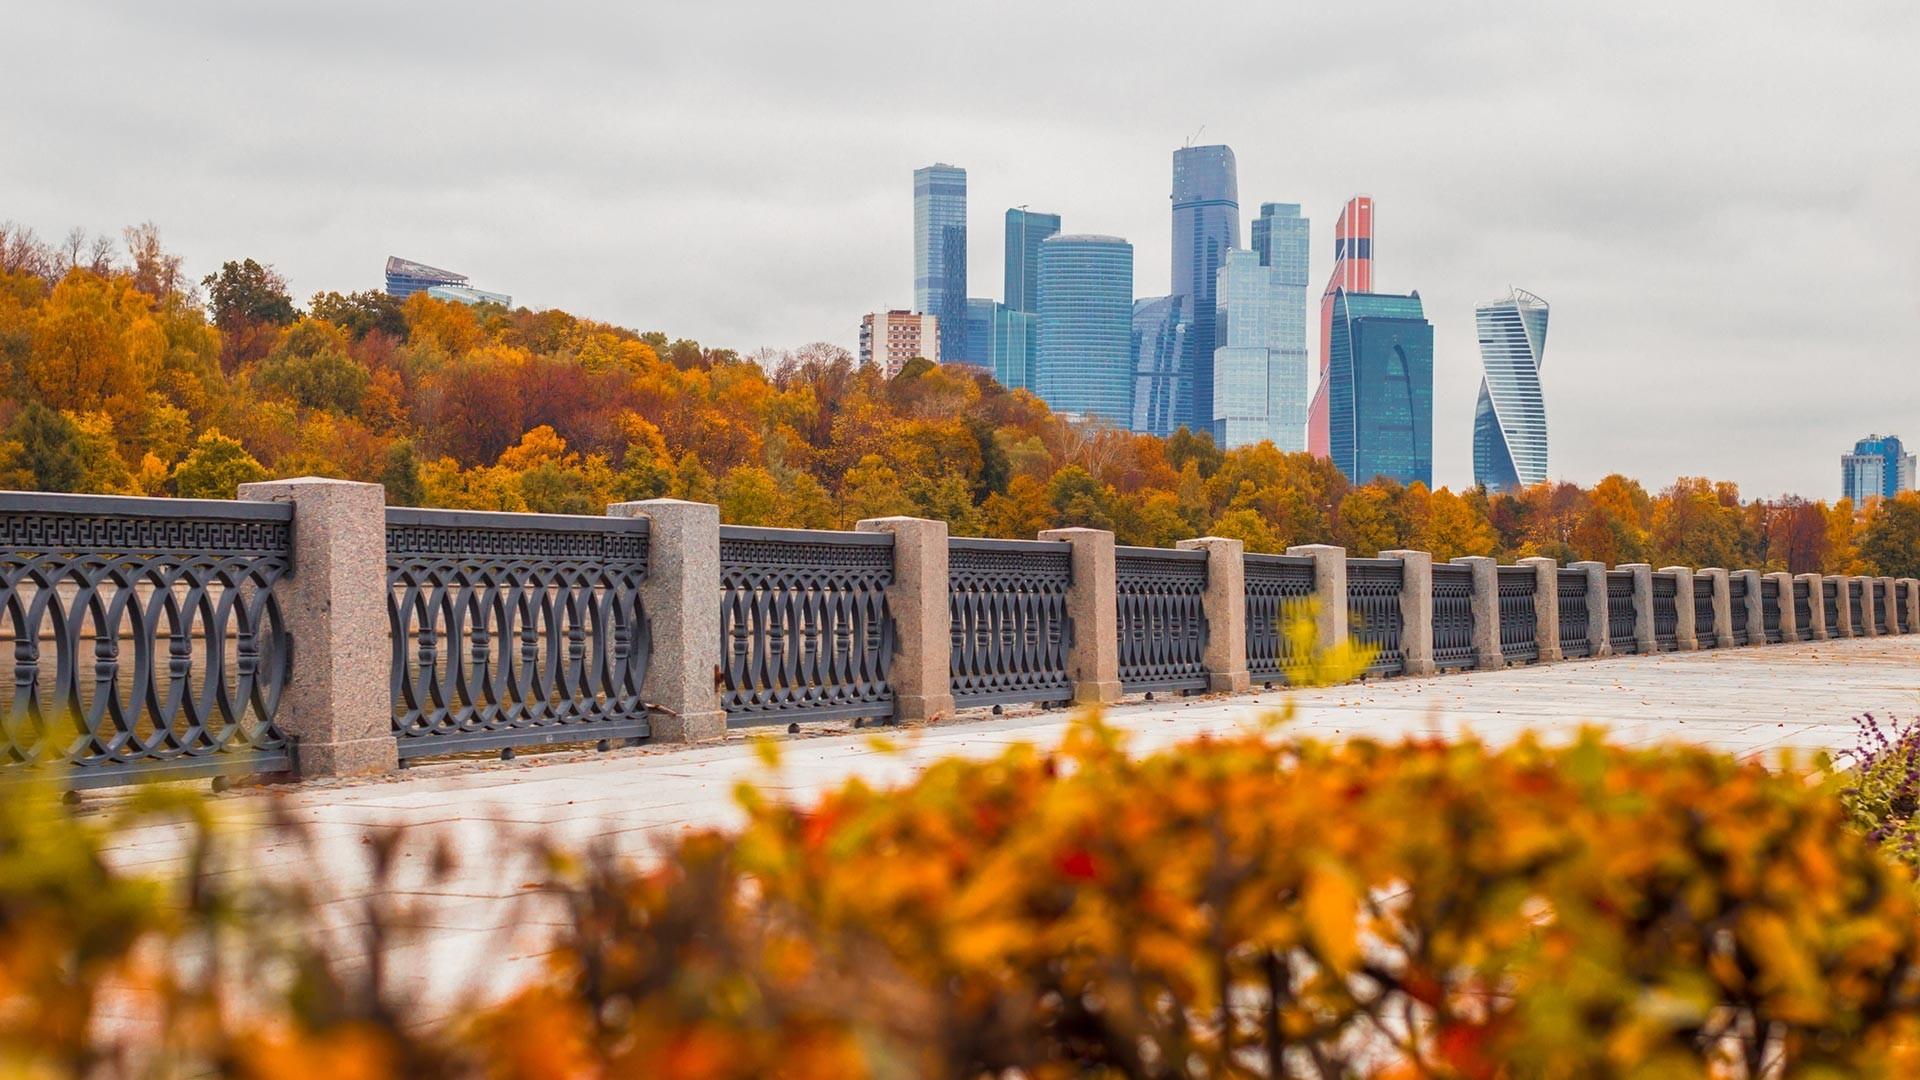 Jesen na moskovskih nabrežjih